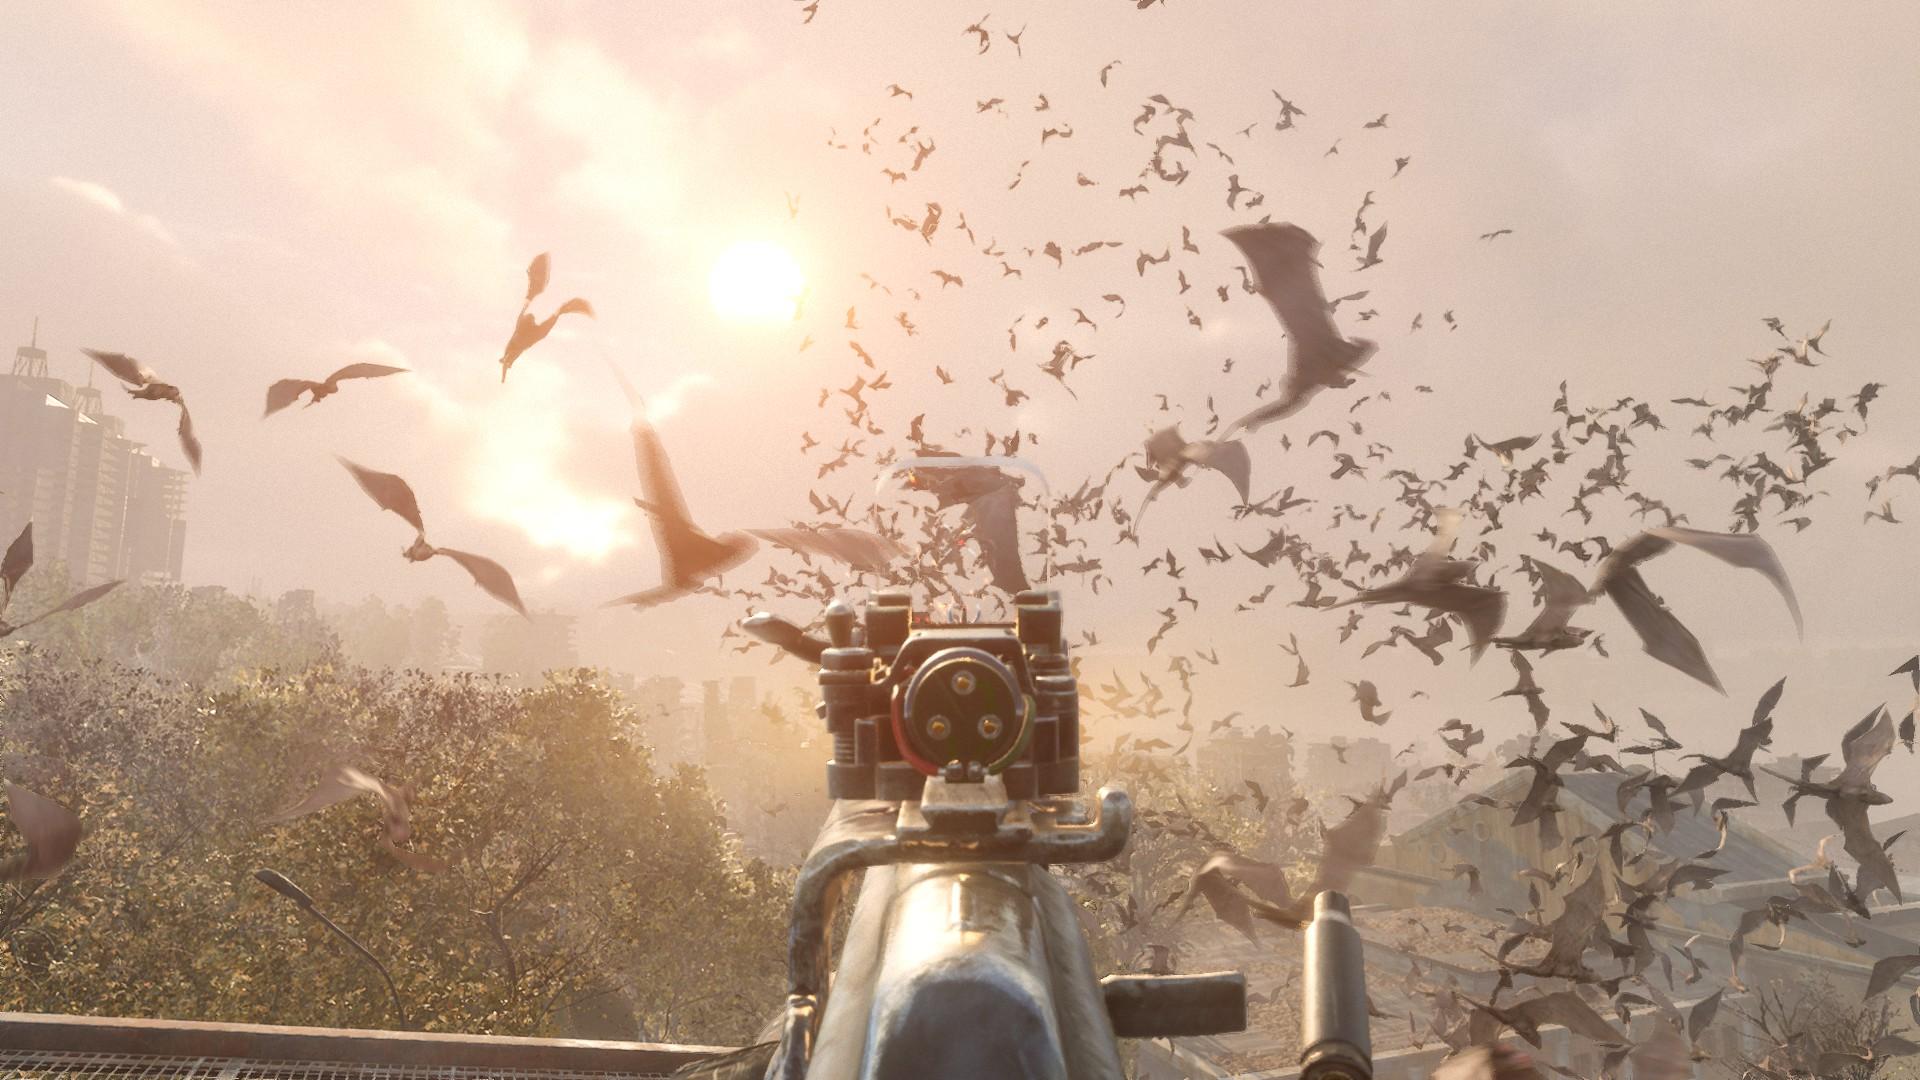 《地铁:逃离》Steam版评测:离去之后,载誉归来